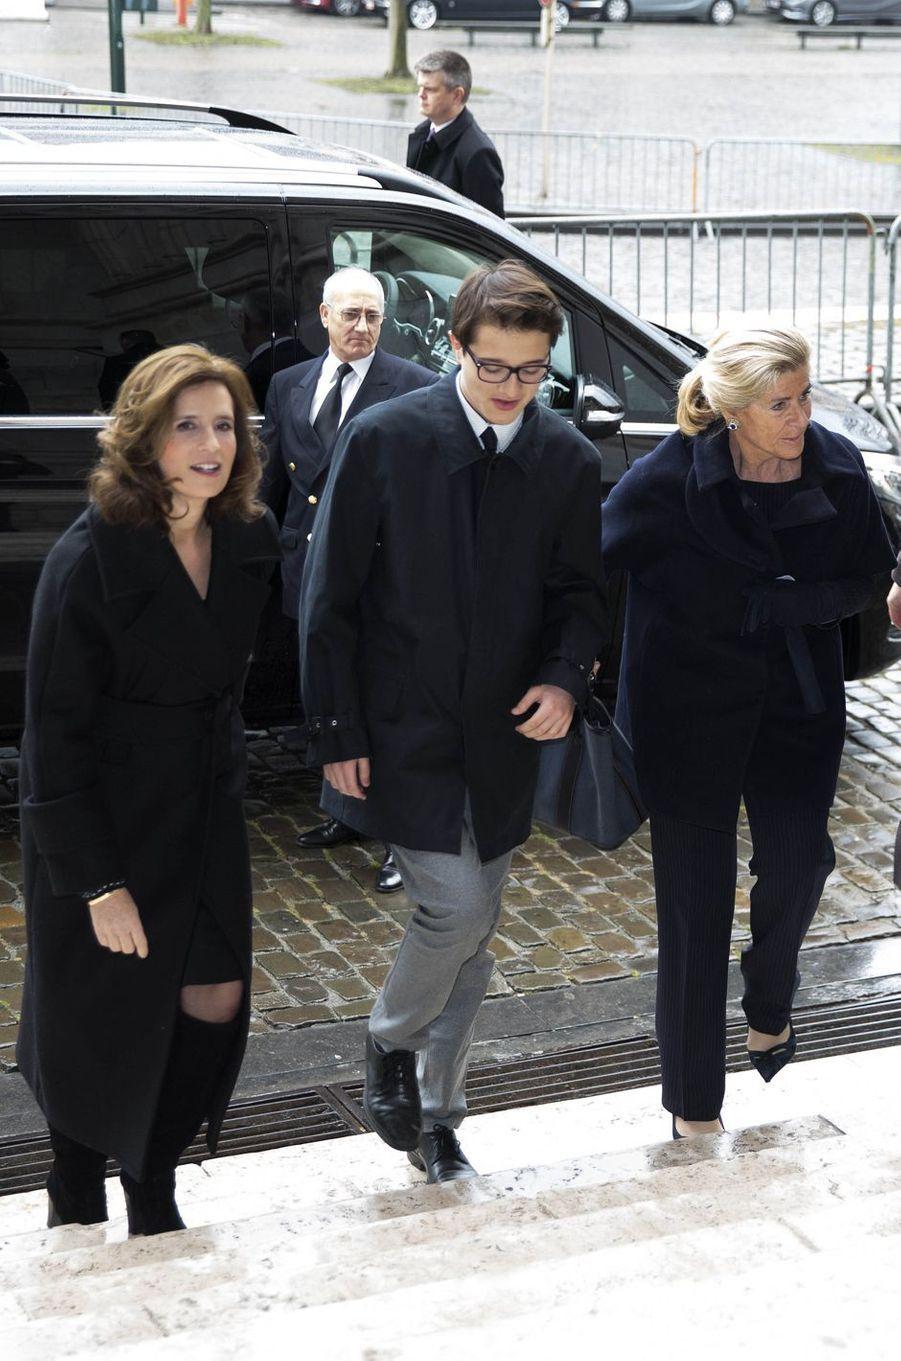 Les princesses Lea et Maria-Esmeralda de Belgique, avec Leopoldo Moncada, à Laeken le 17 février 2017